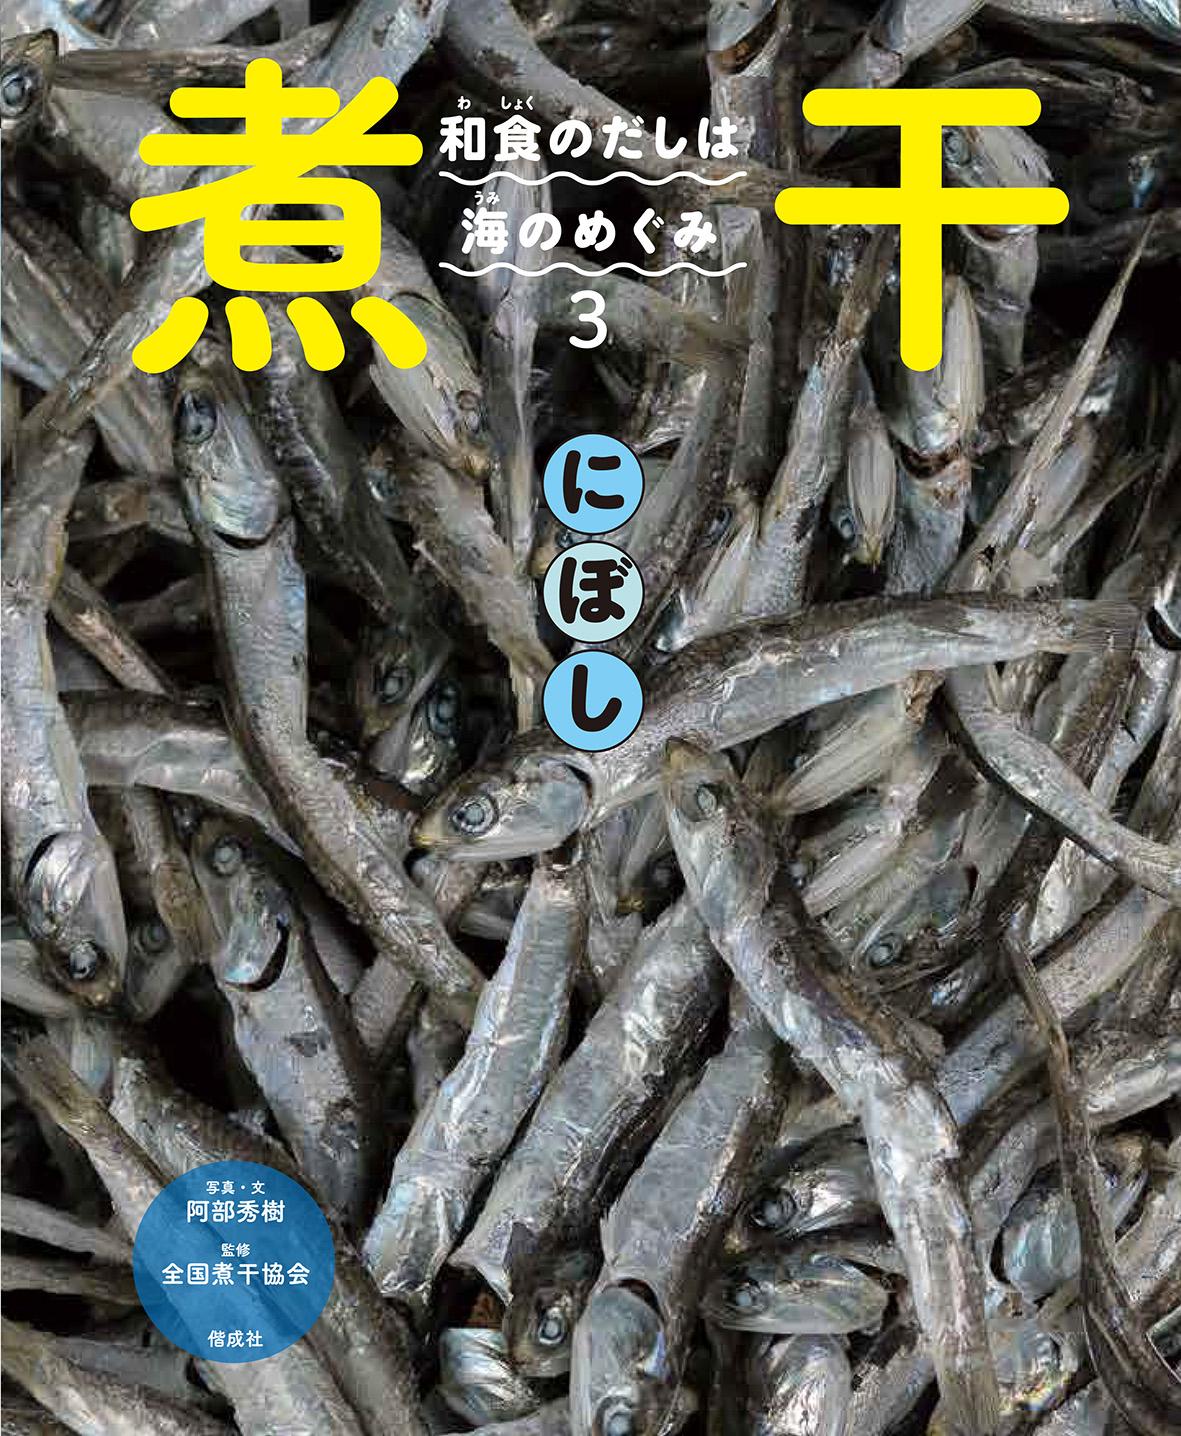 和食のだしは海のめぐみ(全3巻)